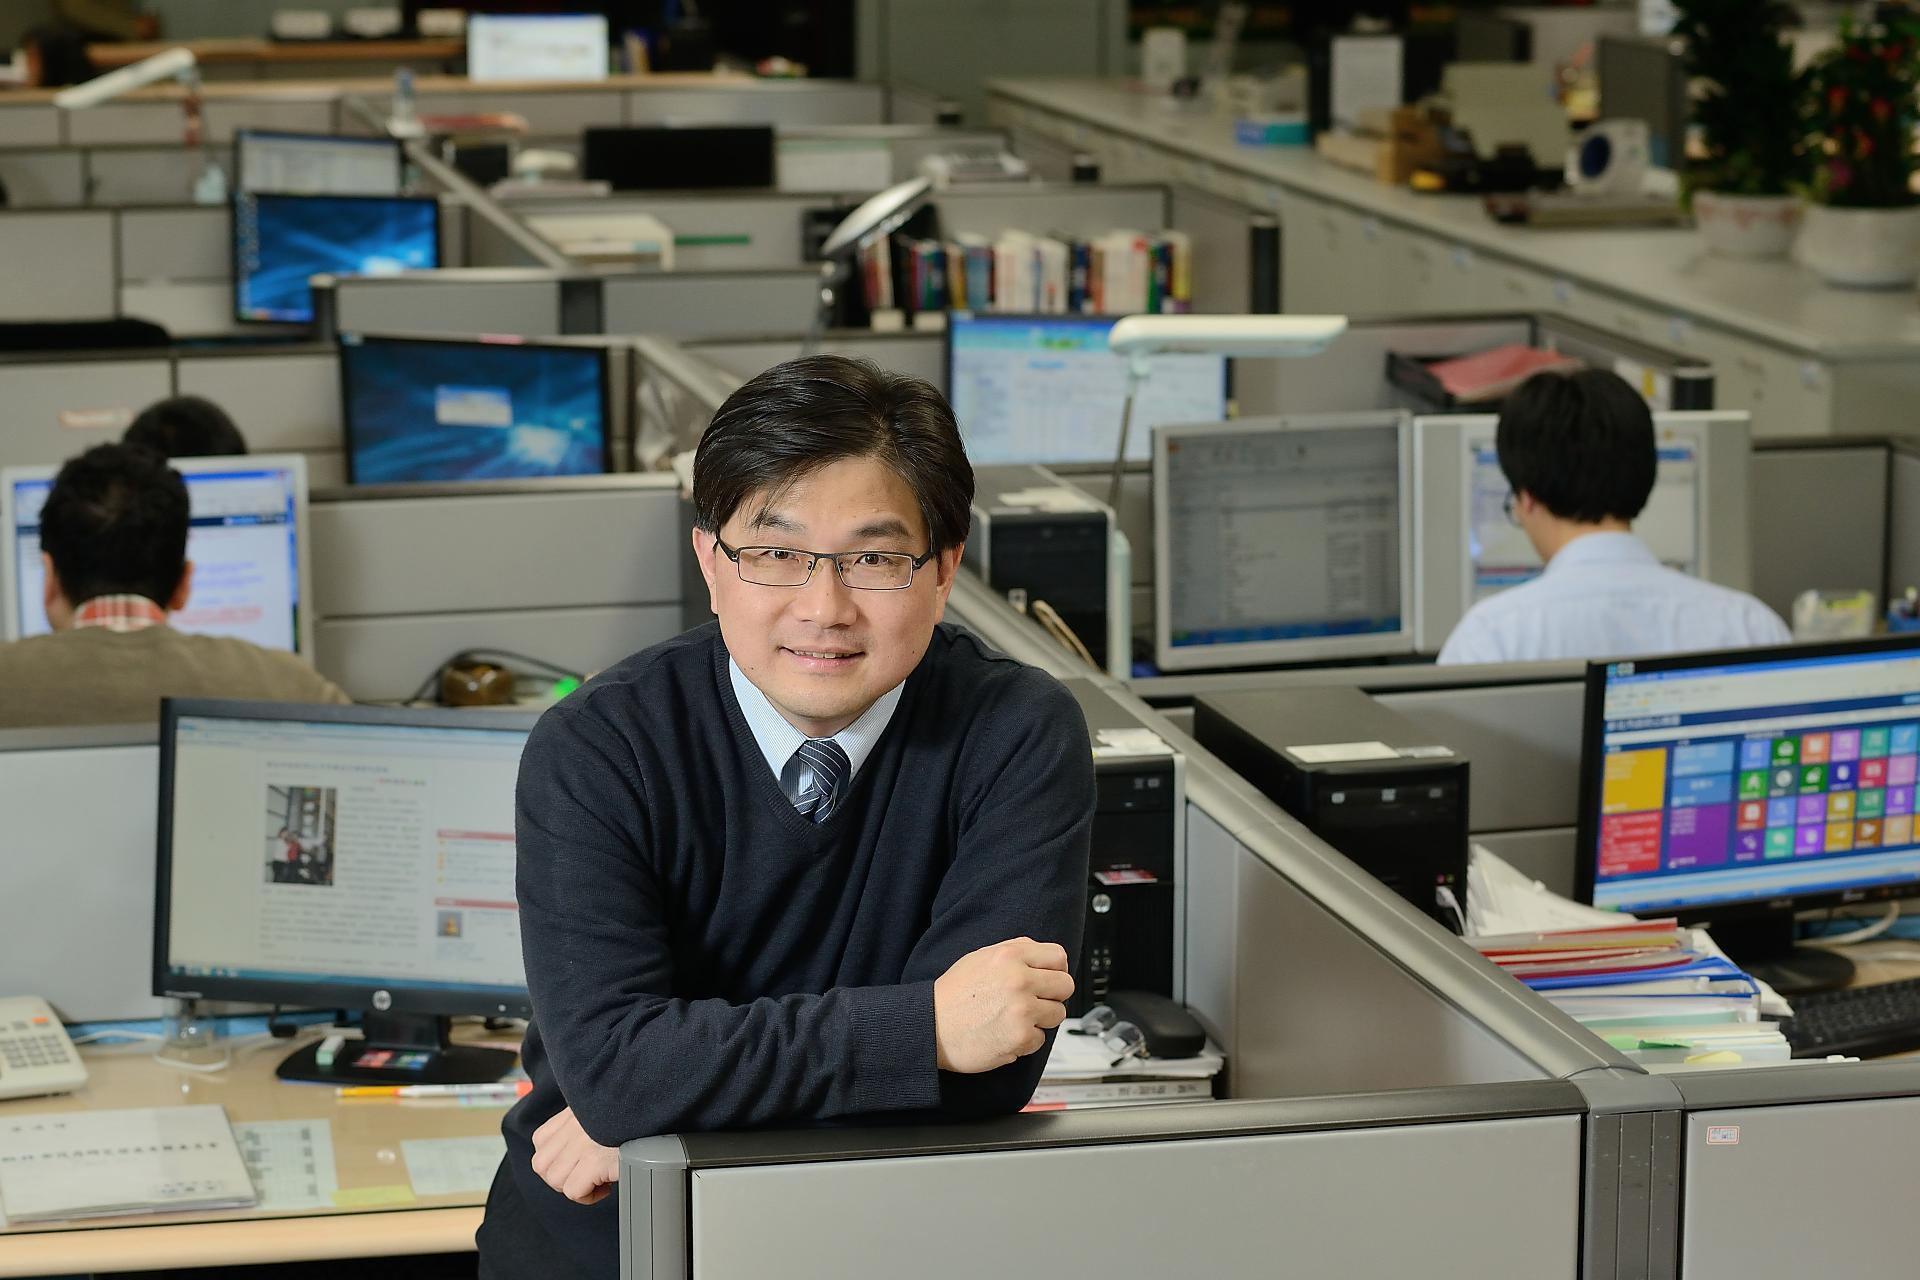 工業系校友、資管系教授吳肇銘 榮獲「傑出資訊人才獎」等獎項